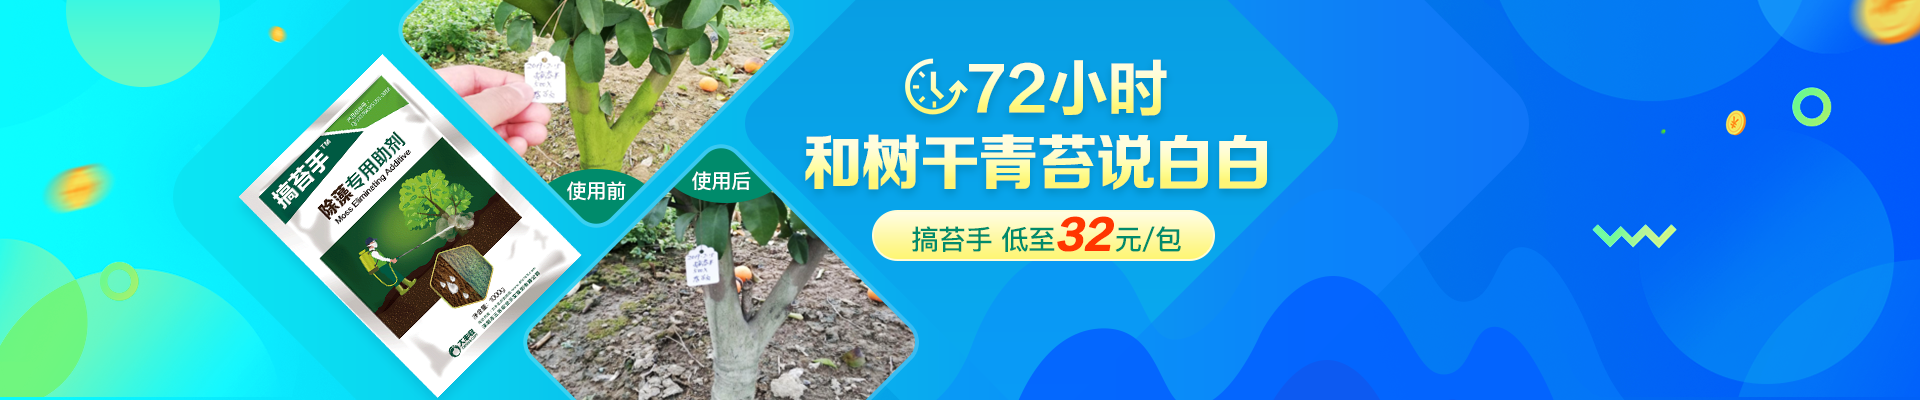 【10月】众筹-搞苔手